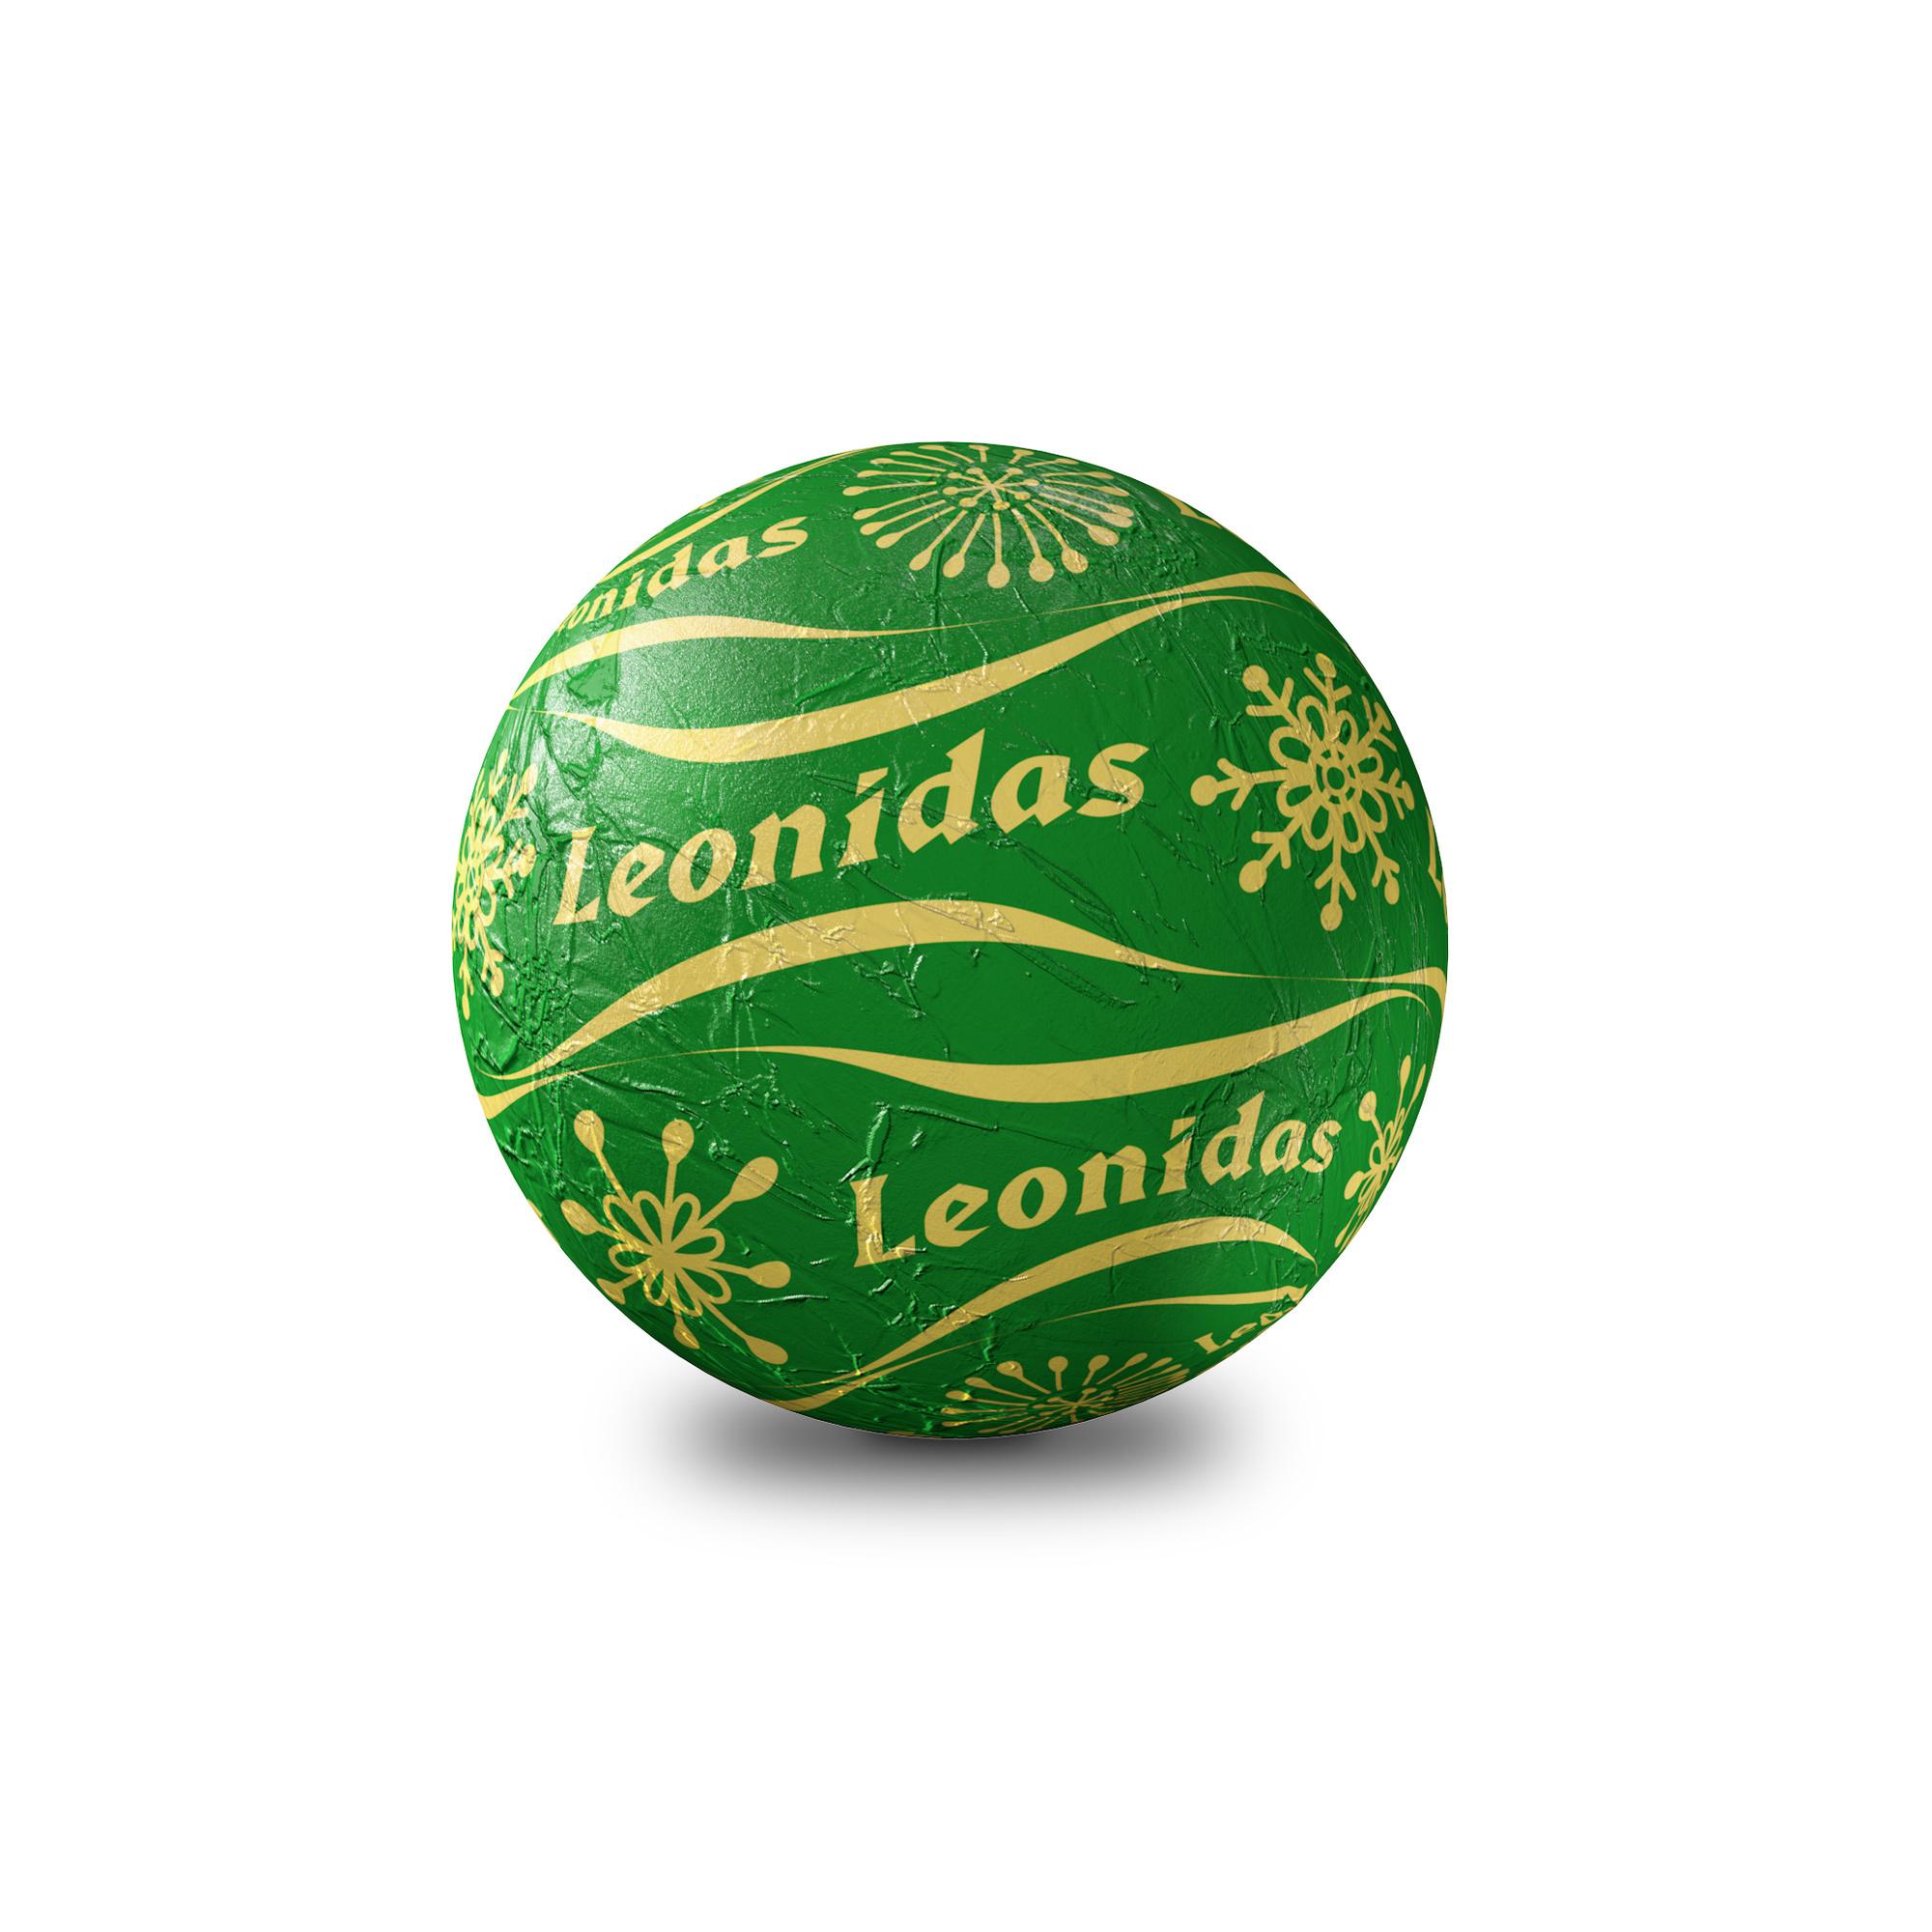 ., Leonidas